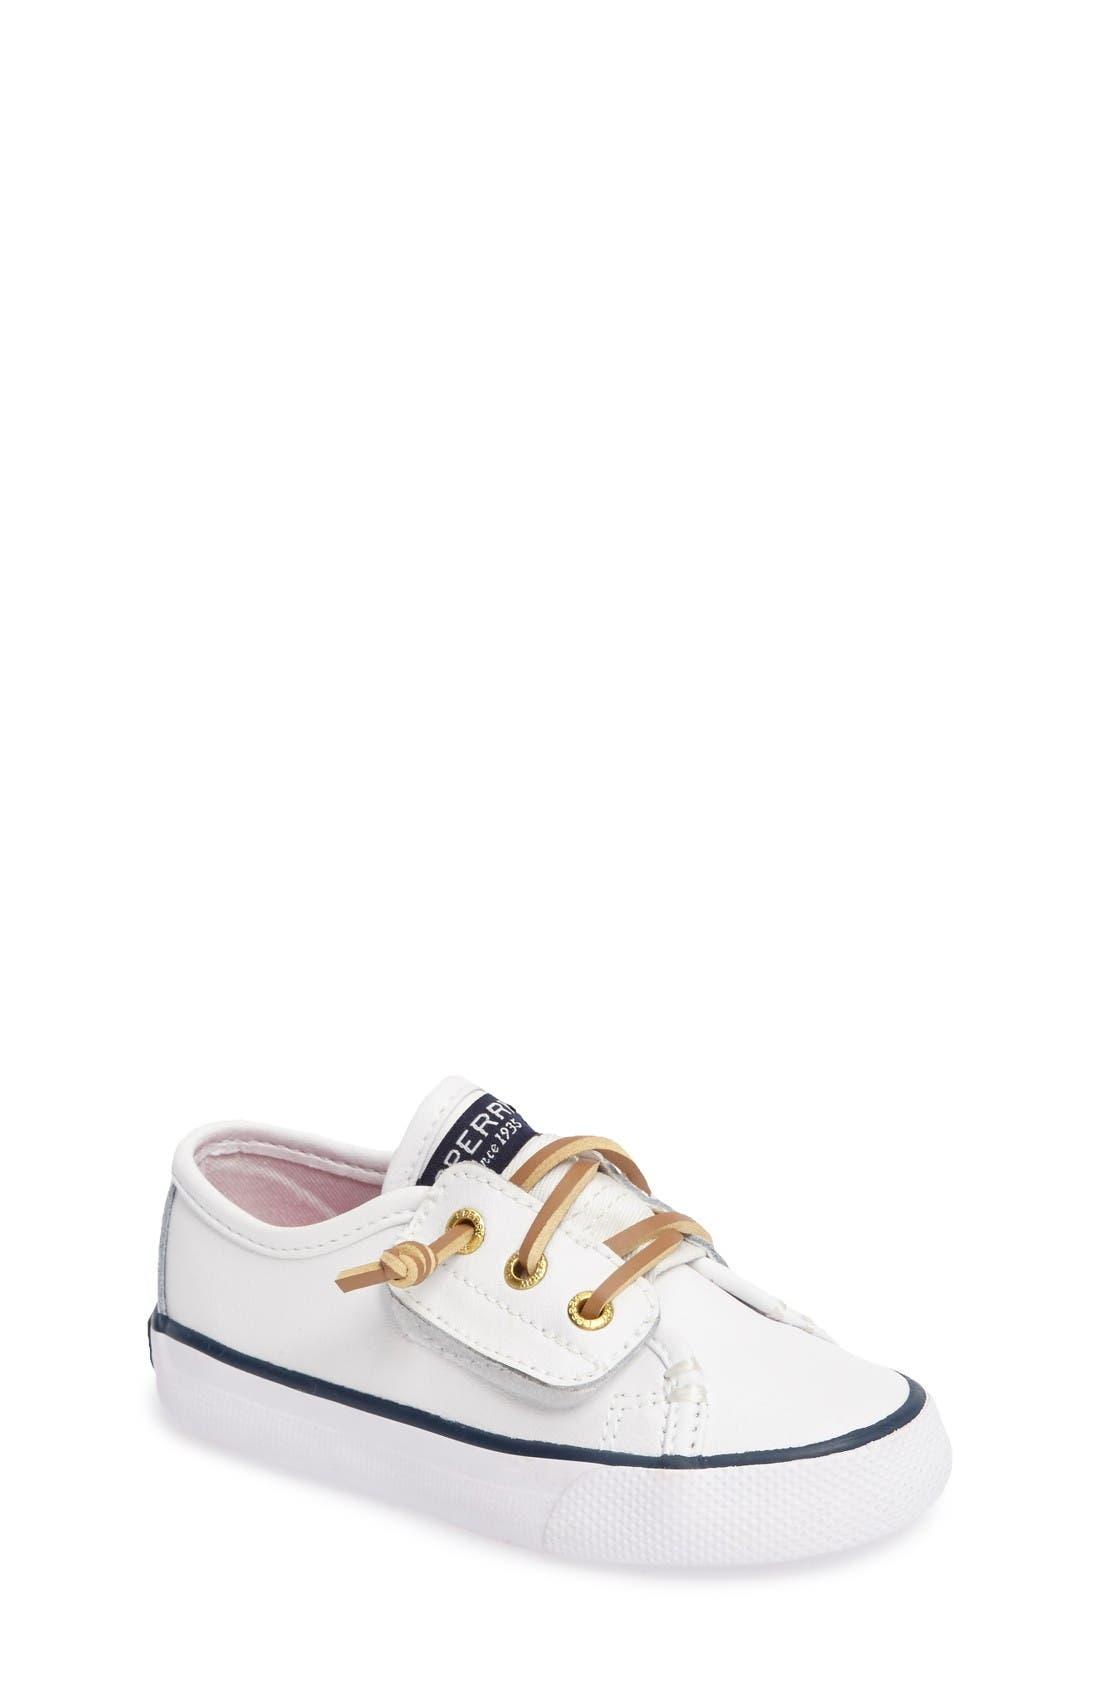 SPERRY KIDS Seacoast Jr. Sneaker